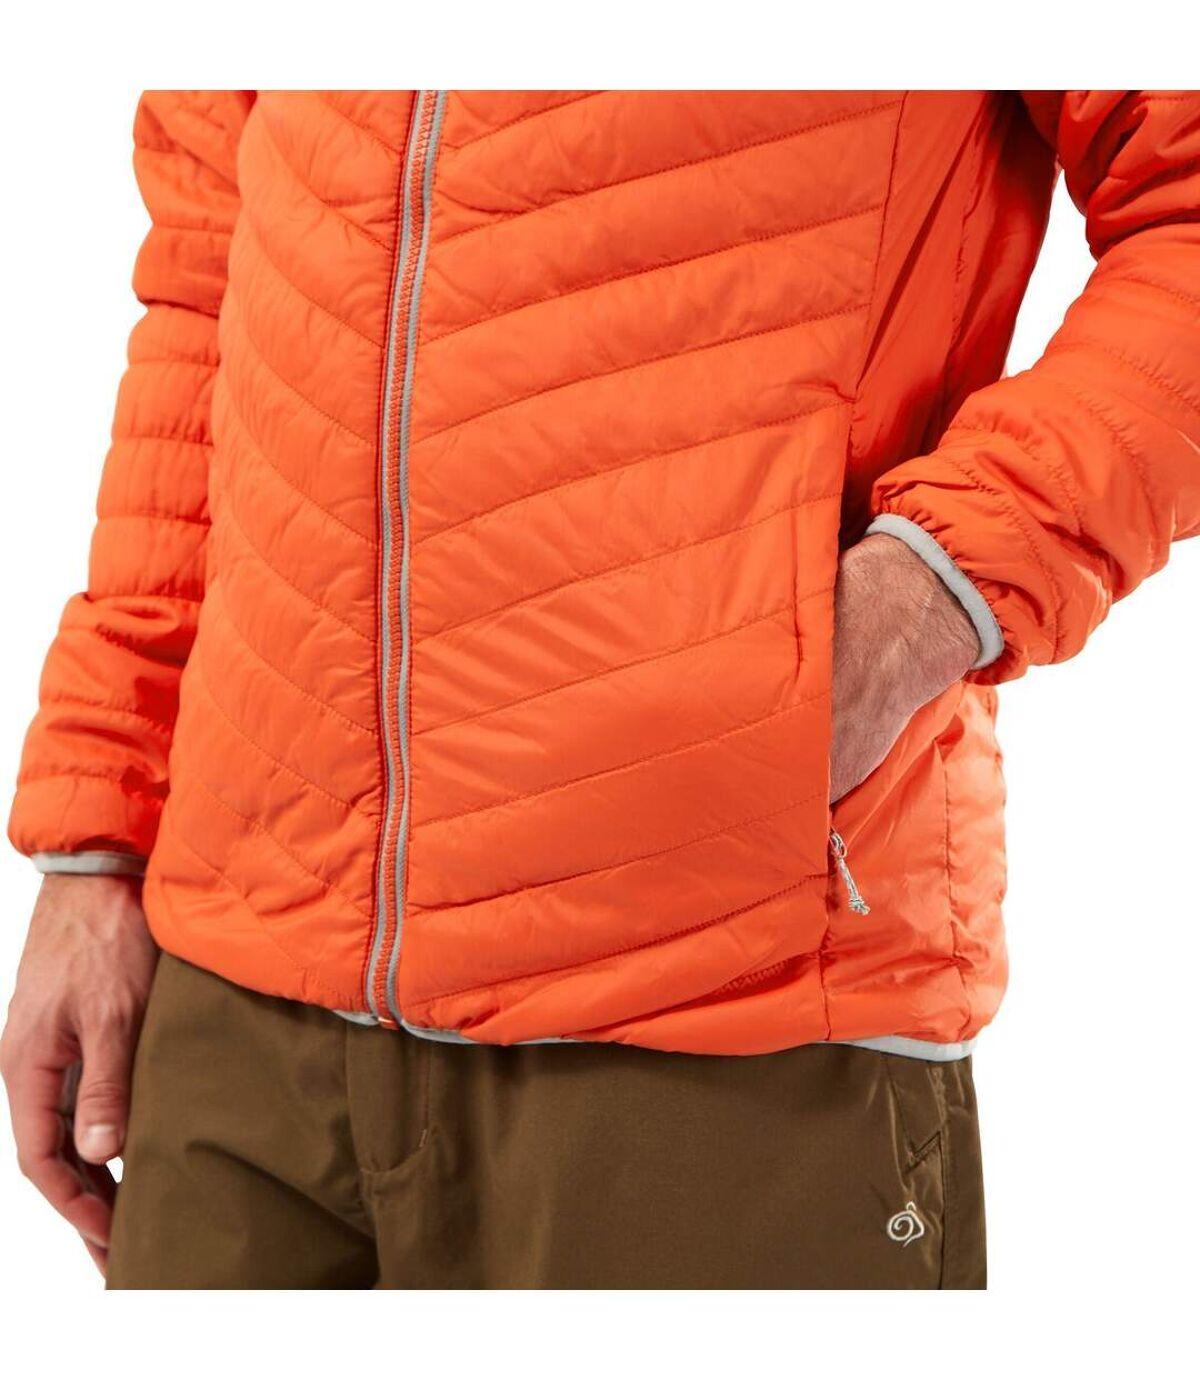 Craghoppers Mens Compresslite V Hooded Padded Jacket (Marmalade/Cloud Grey) - UTCG1473